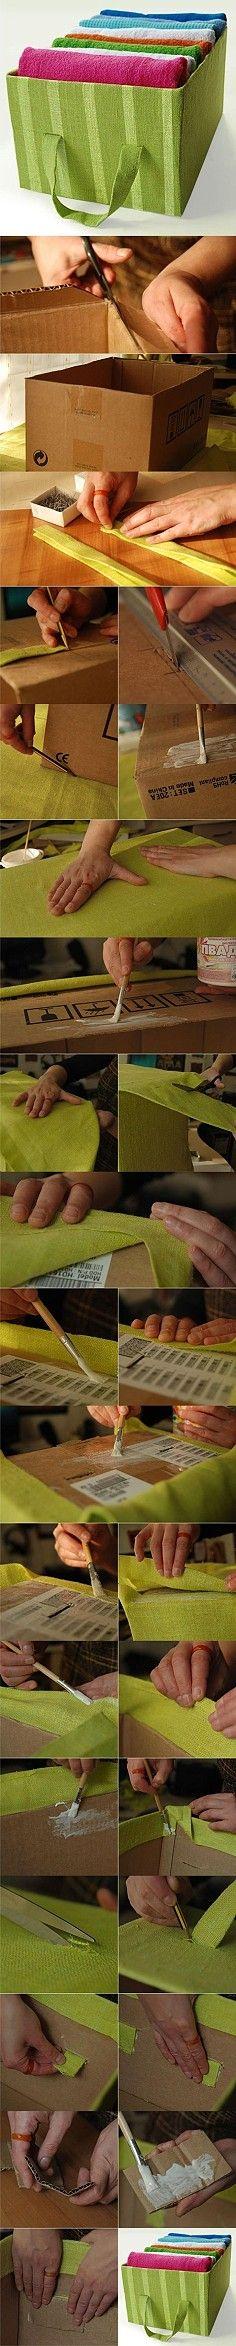 como forrar caixa de papelão